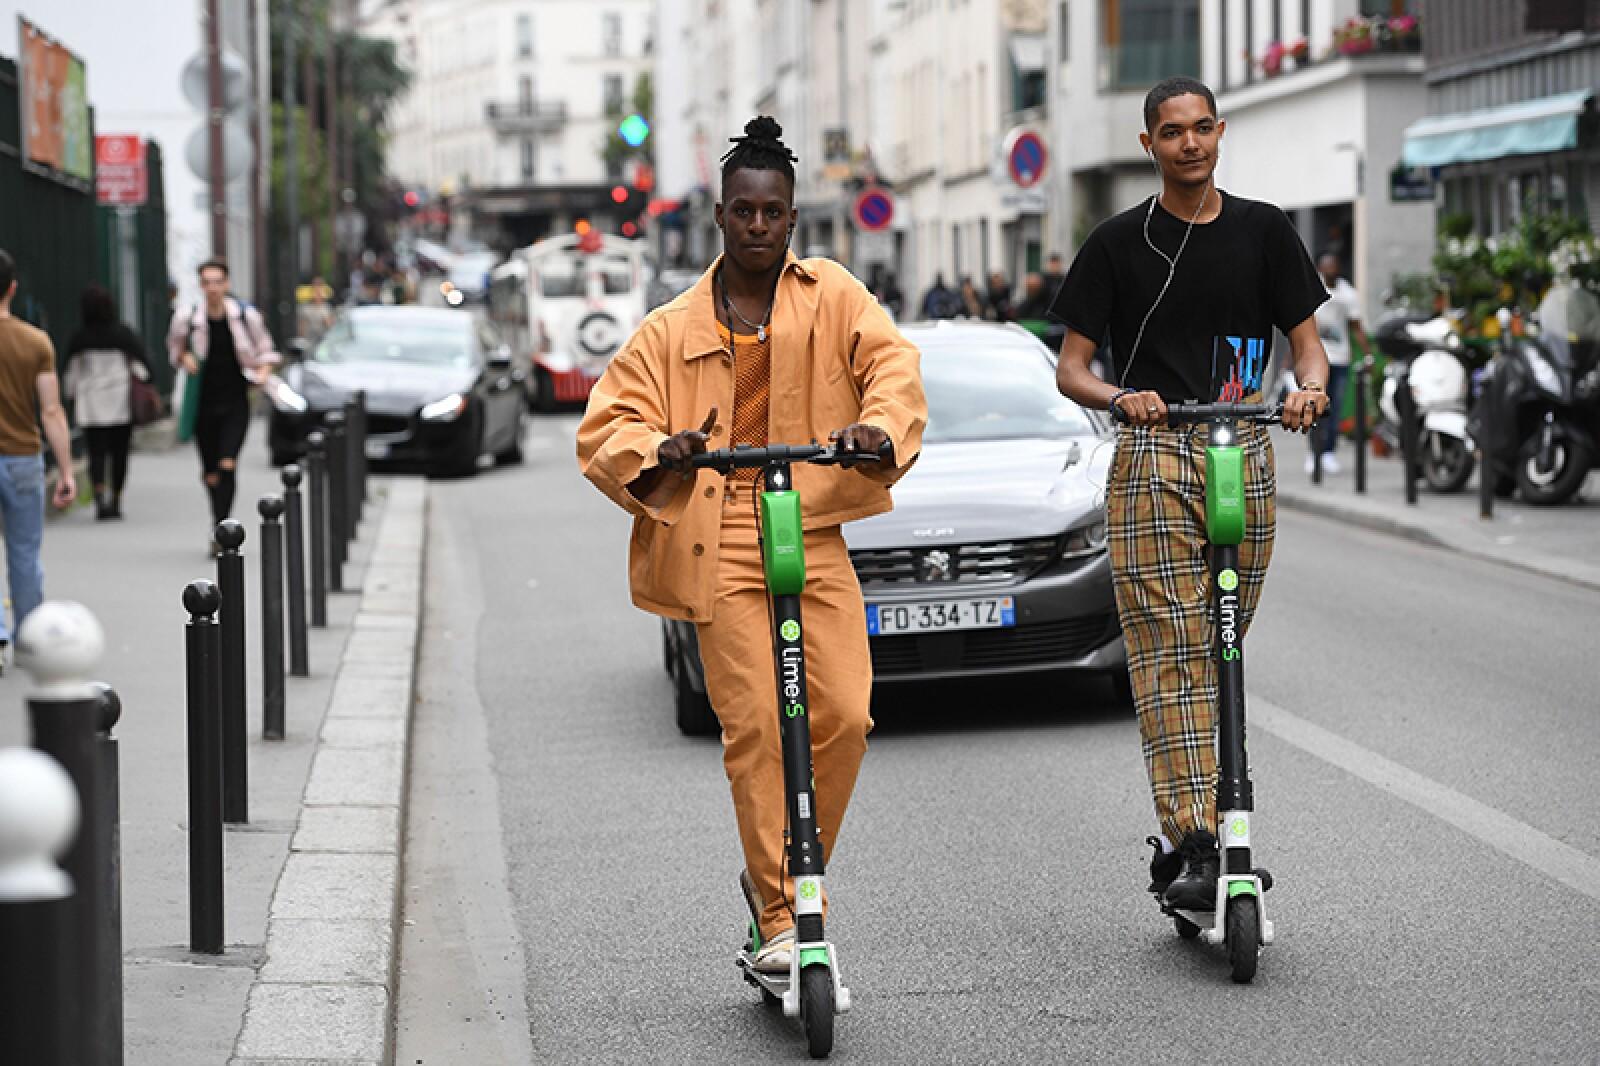 Street Style, Spring Summer 2020, Paris Fashion Week Men's, France - 20 Jun 2019